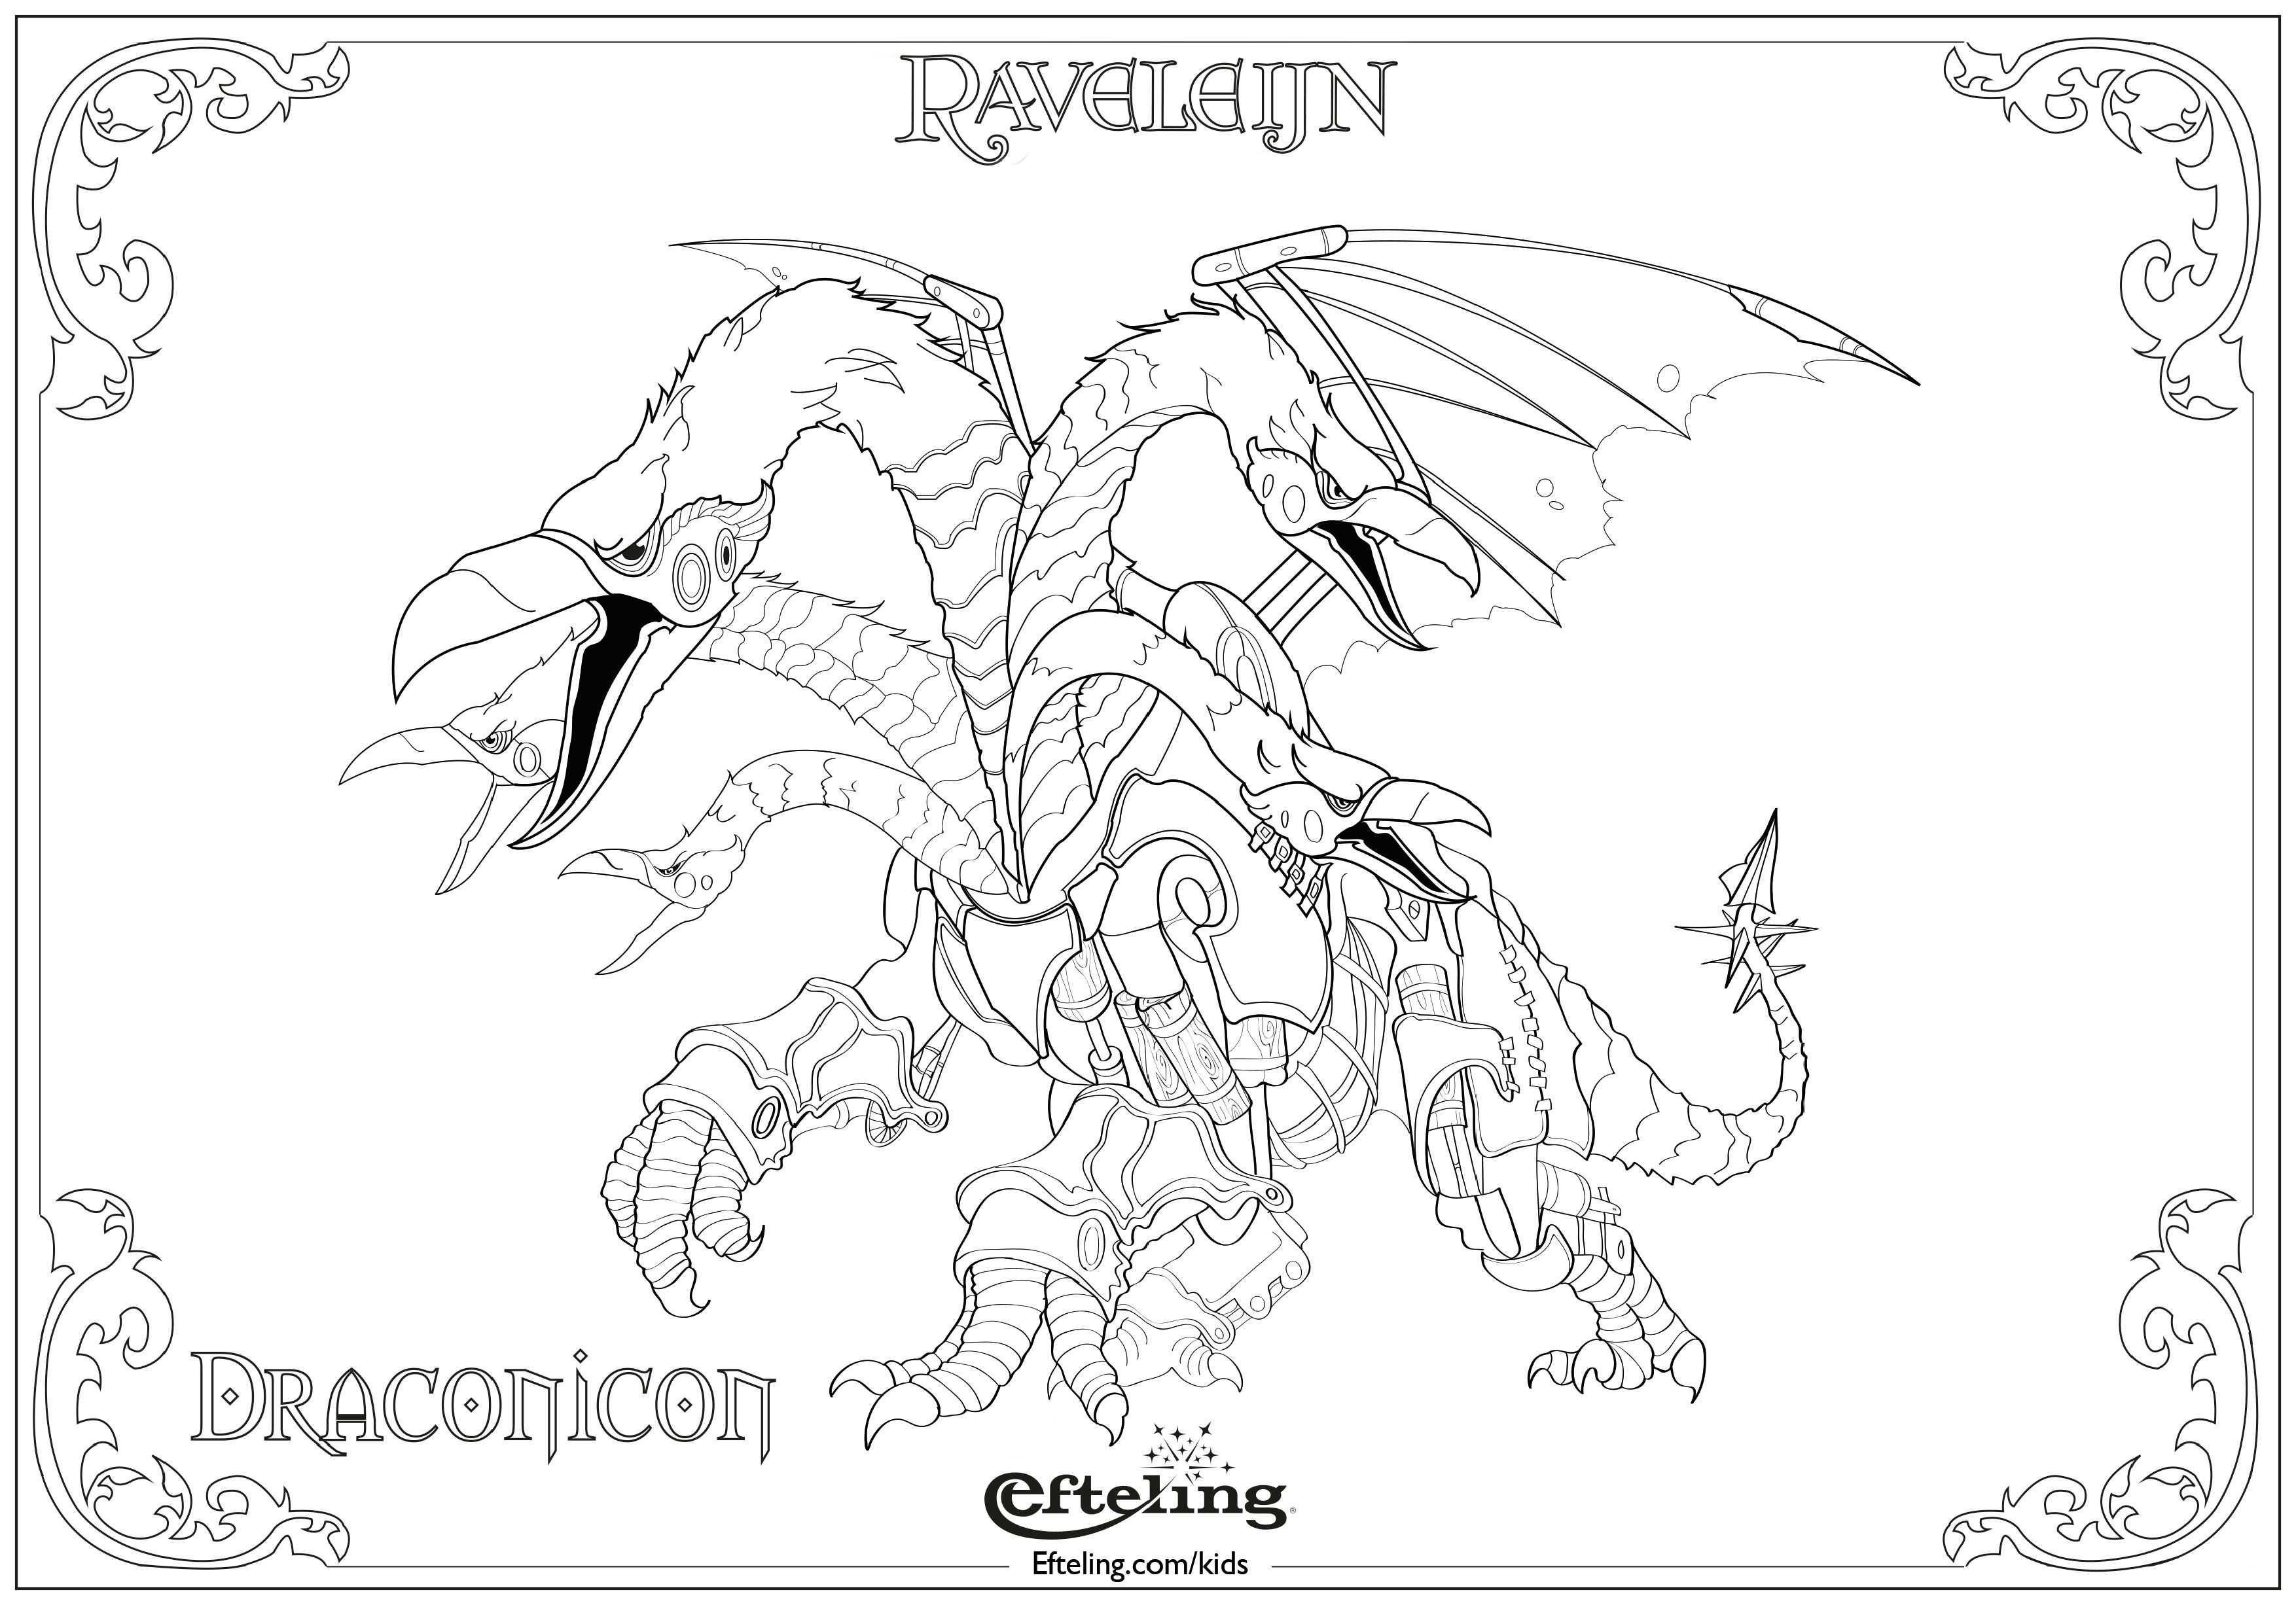 Draconicon Van Raveleijn Efteling Kleurplaat Met Afbeeldingen